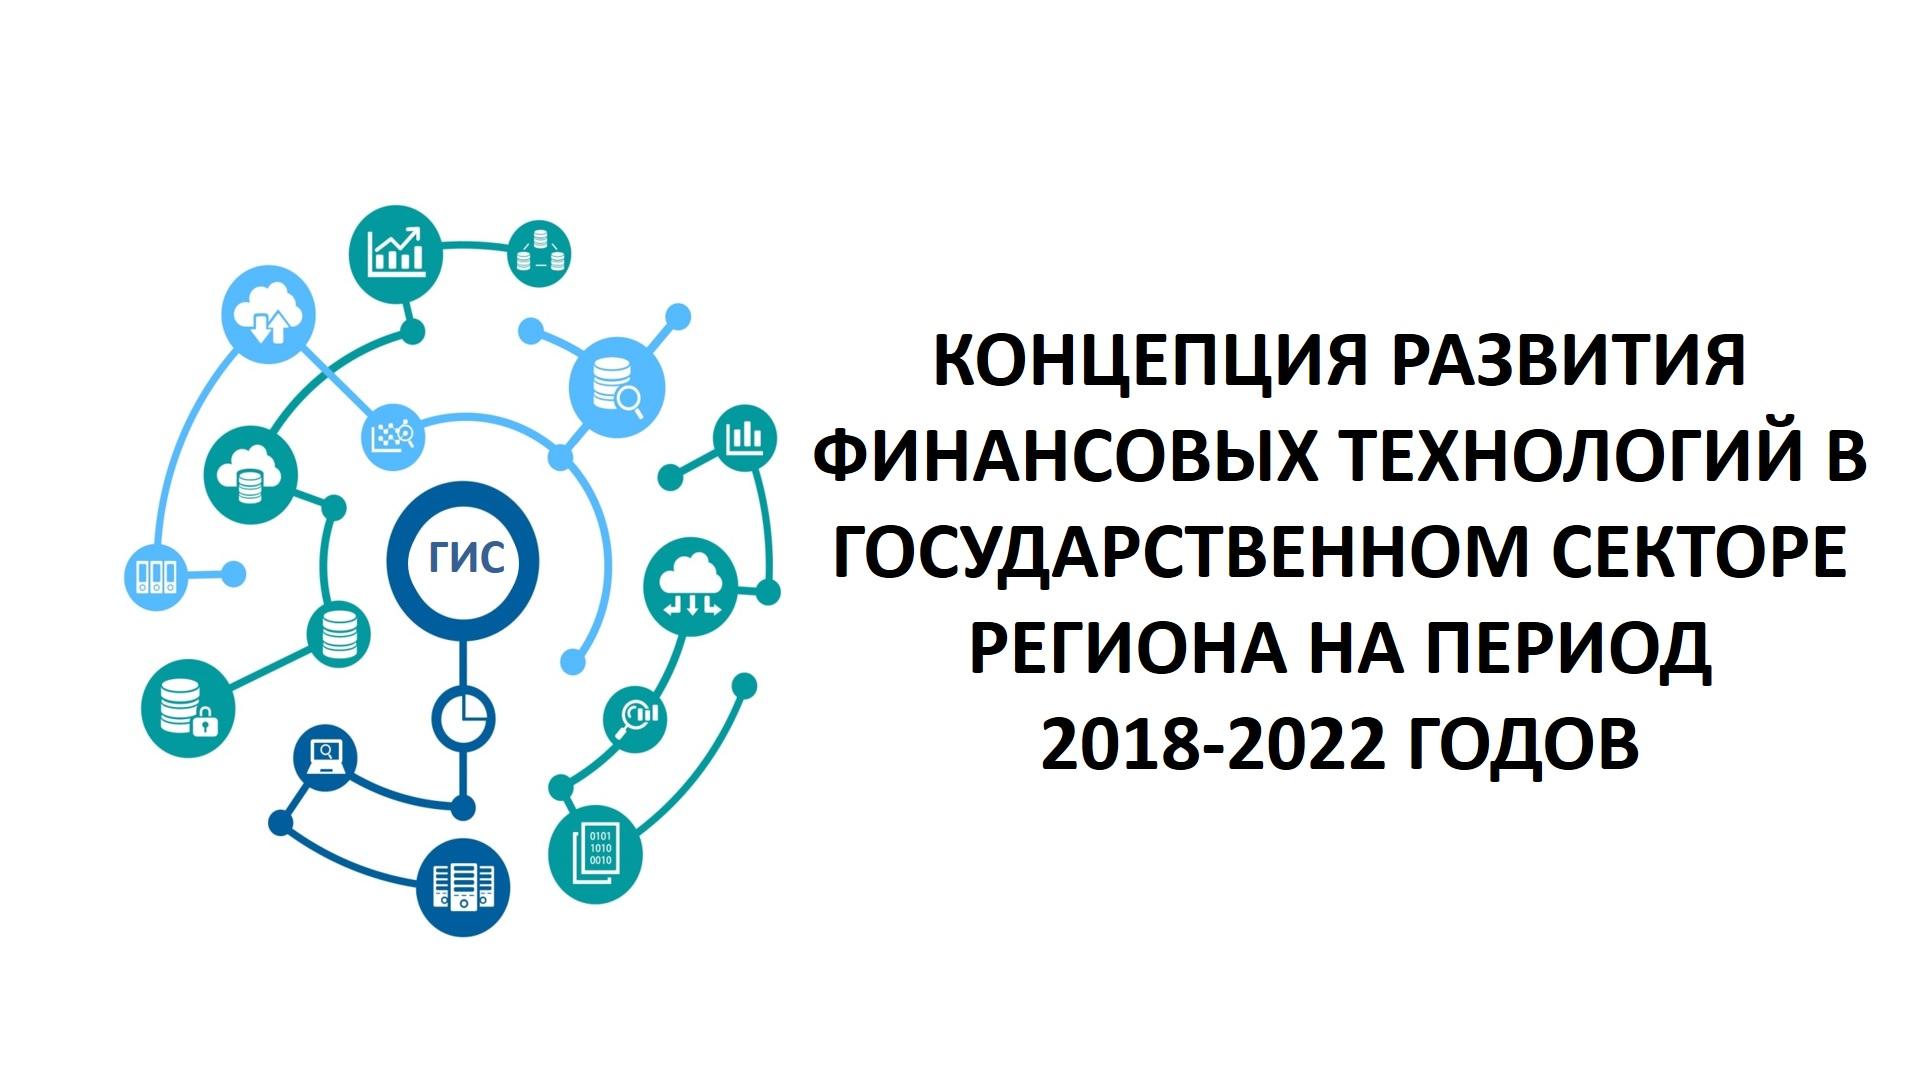 Концепция развития финансовых технологий в государственном секторе региона на период 2018 -2022 годов